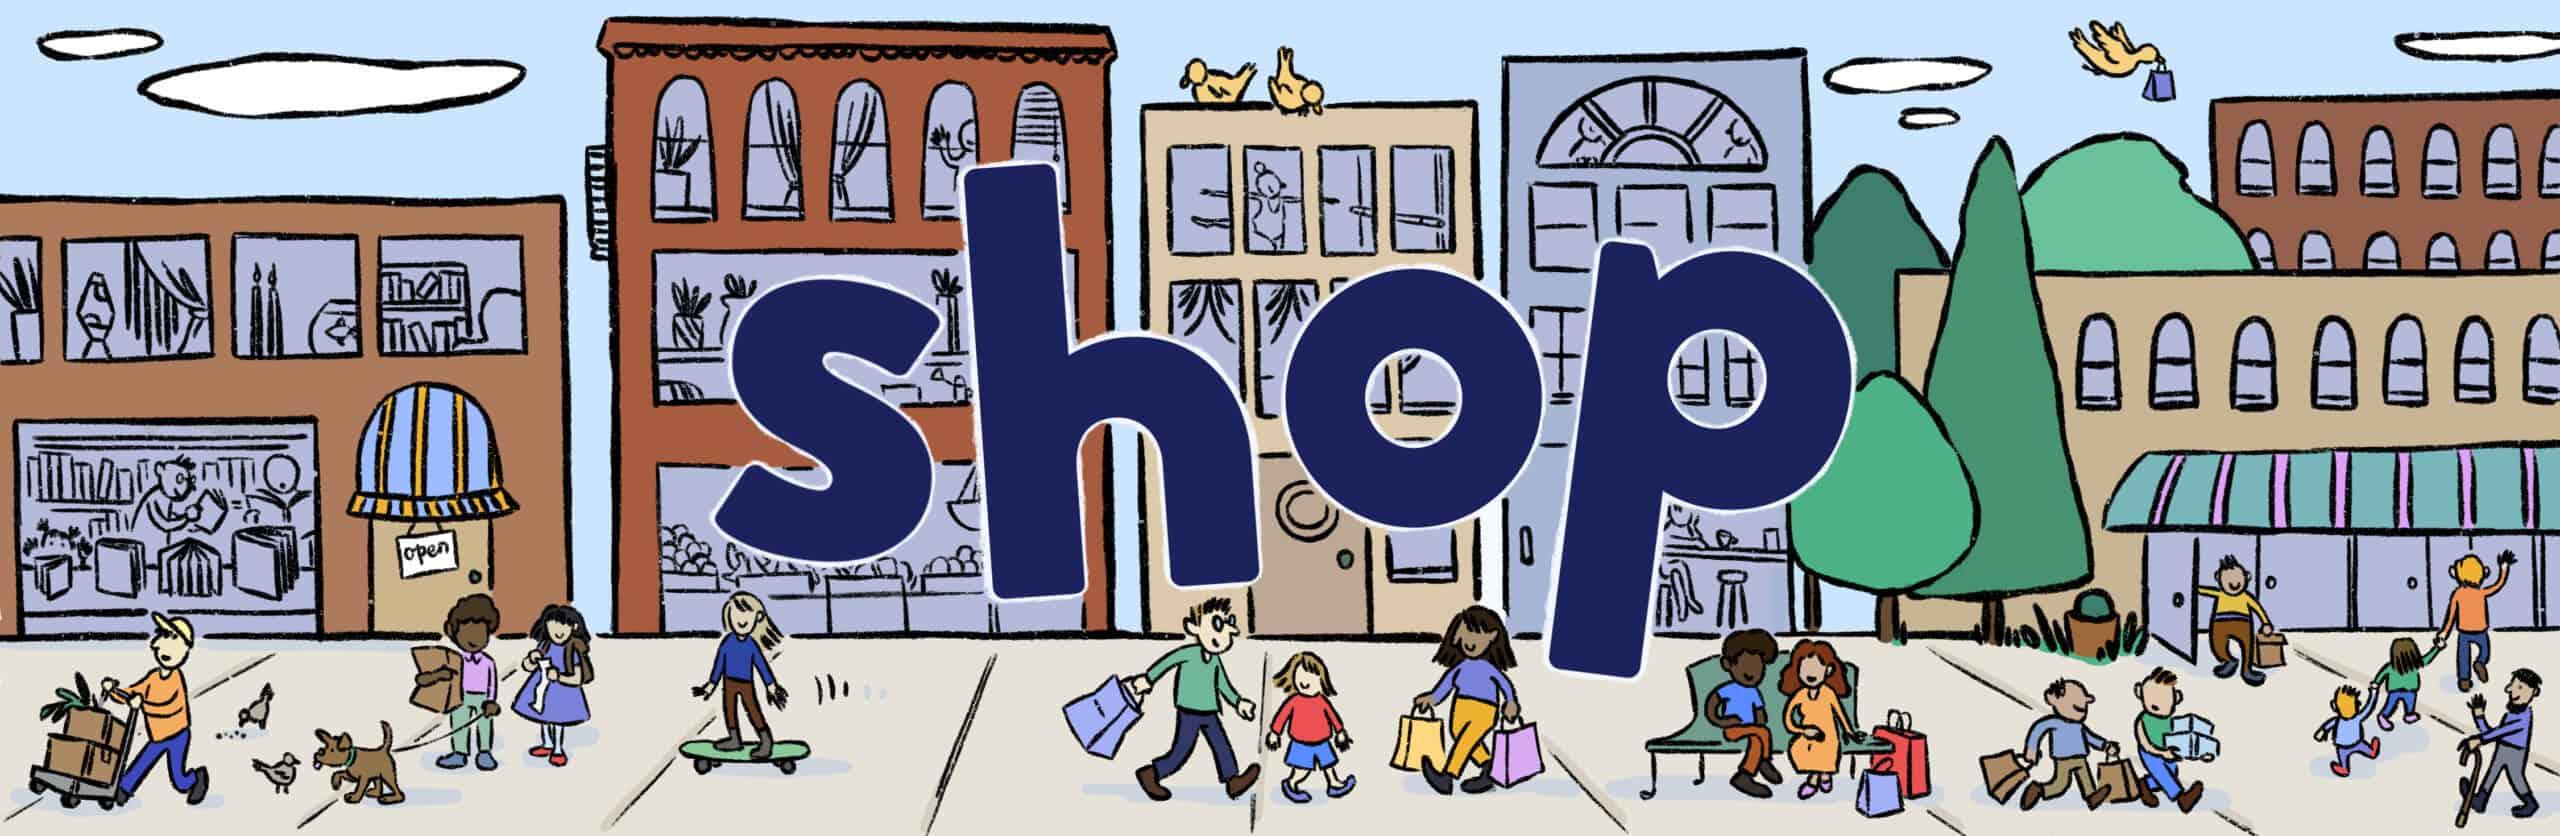 Shop Brookline illustration